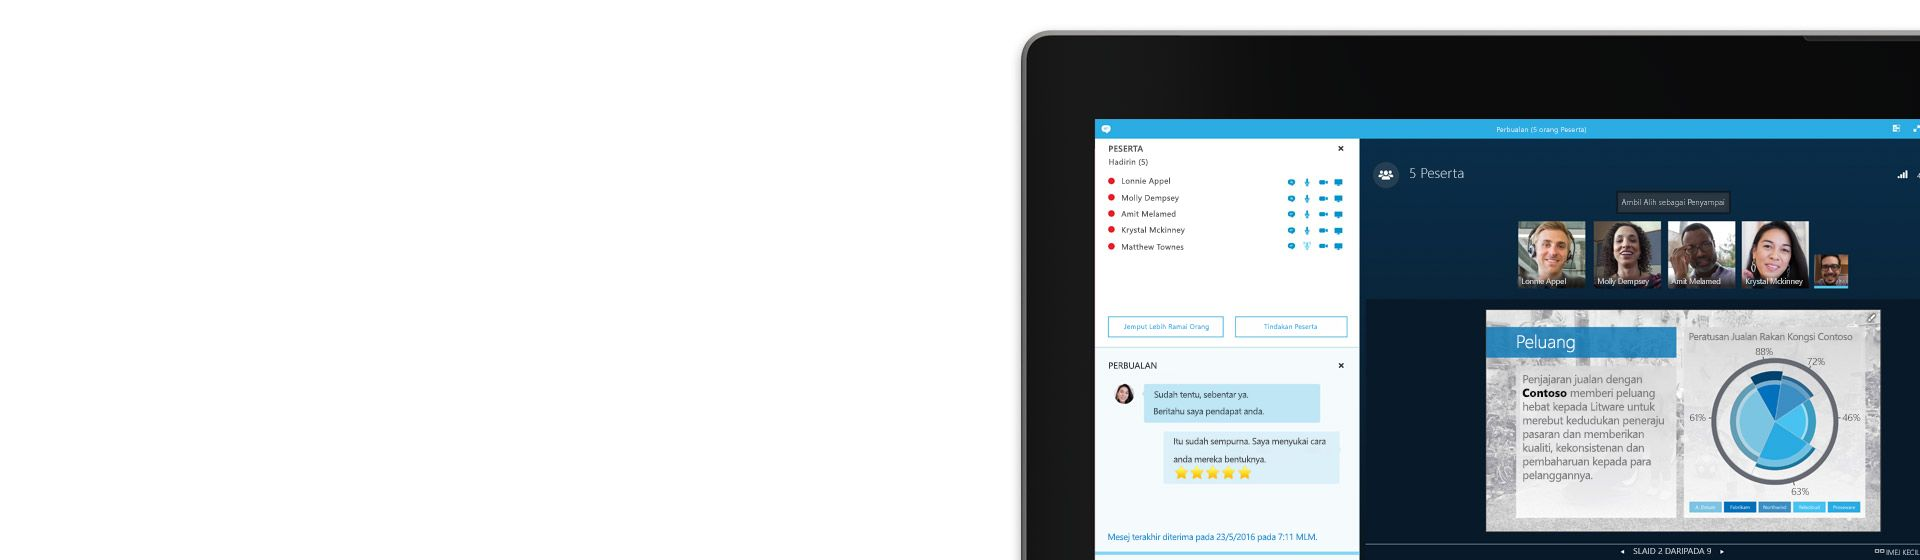 Sudut skrin komputer riba yang memaparkan mesyuarat Skype for Business sedang berjalan dengan imej senarai para peserta